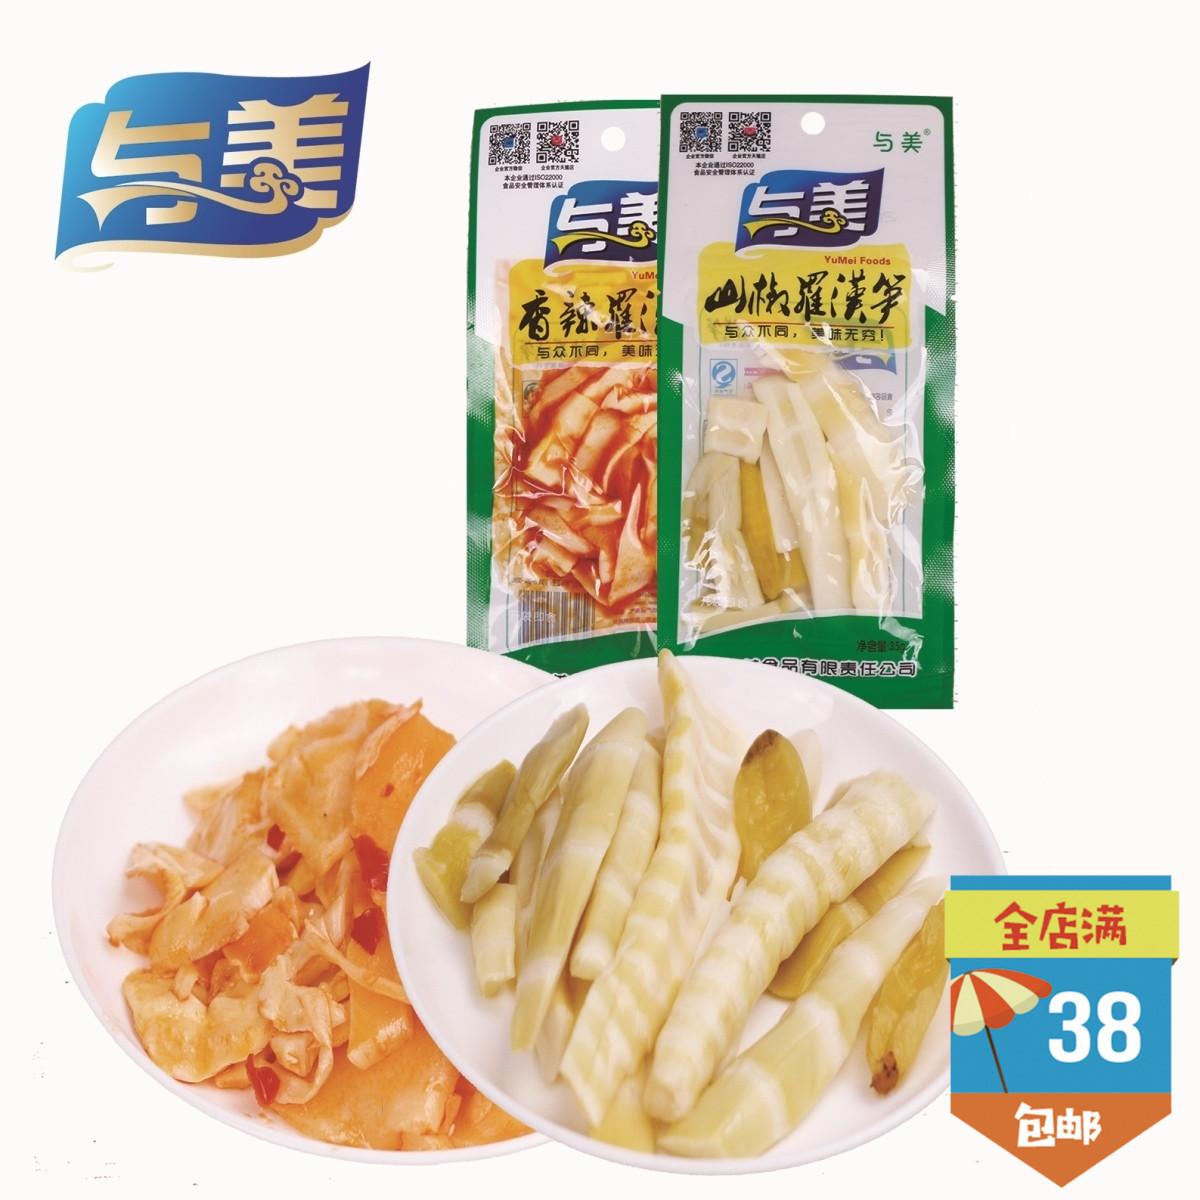 与美厂家直销 四川特产 香辣山椒罗汉笋片35g每小袋